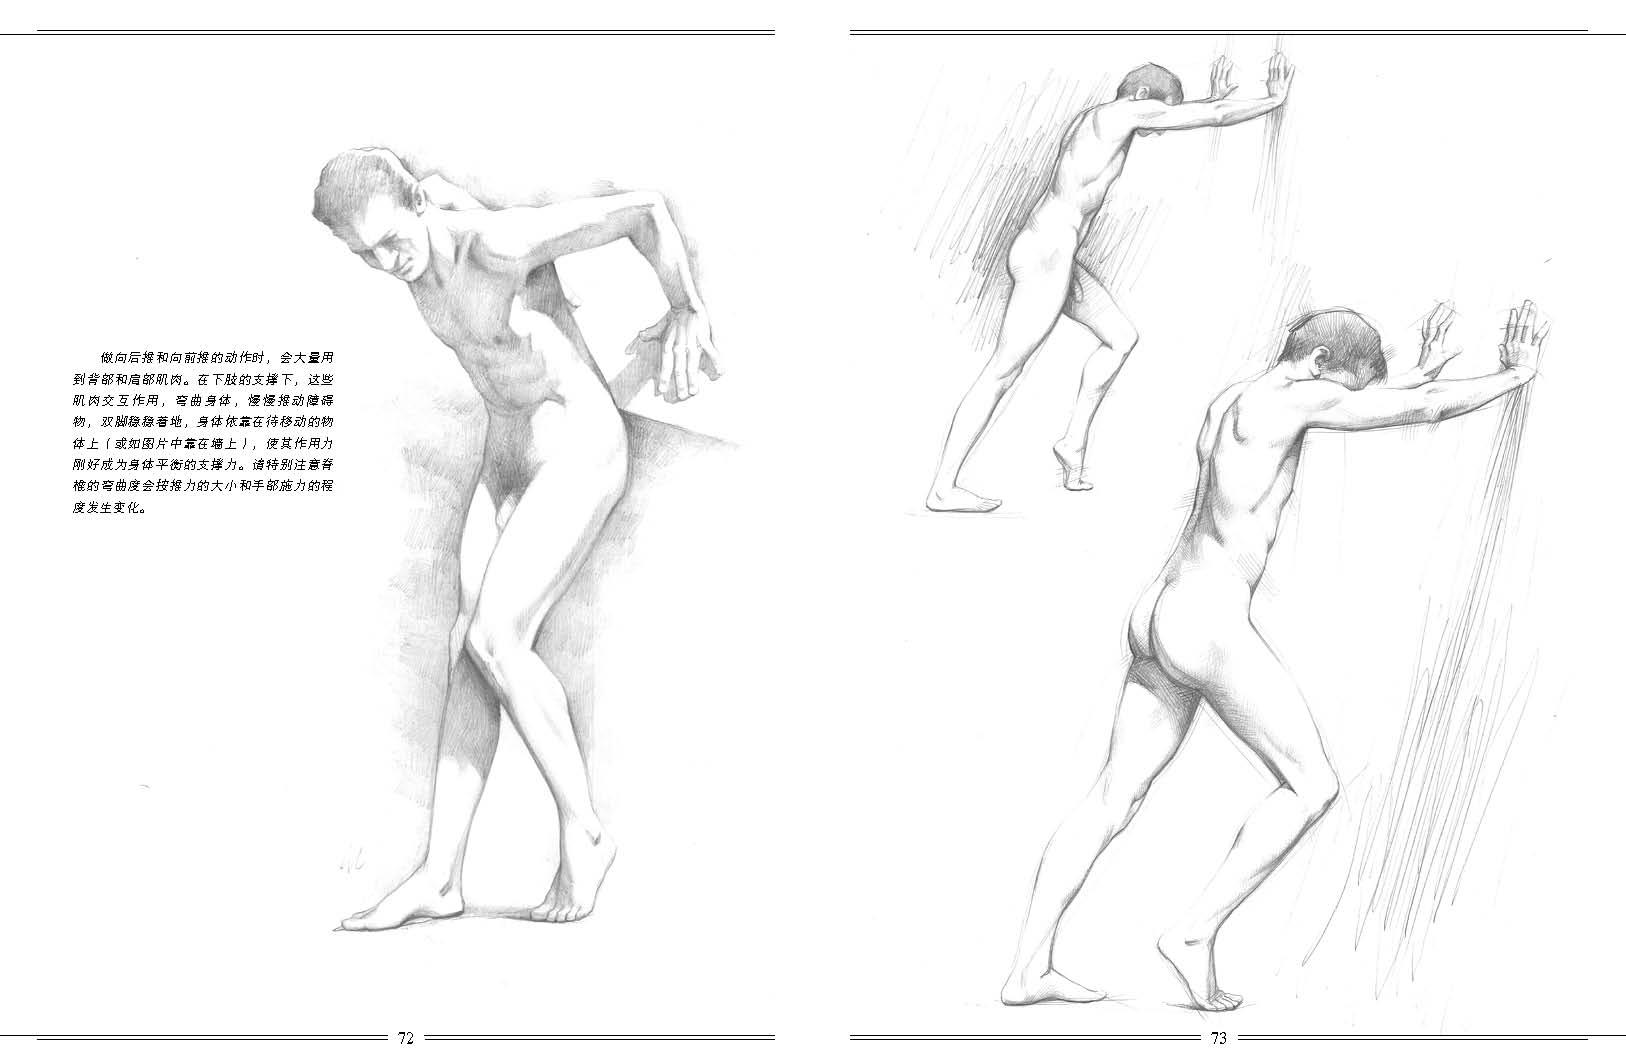 人体素描结构与方法---意大利名家经典绘画教程-w [意] 乔瓦尼